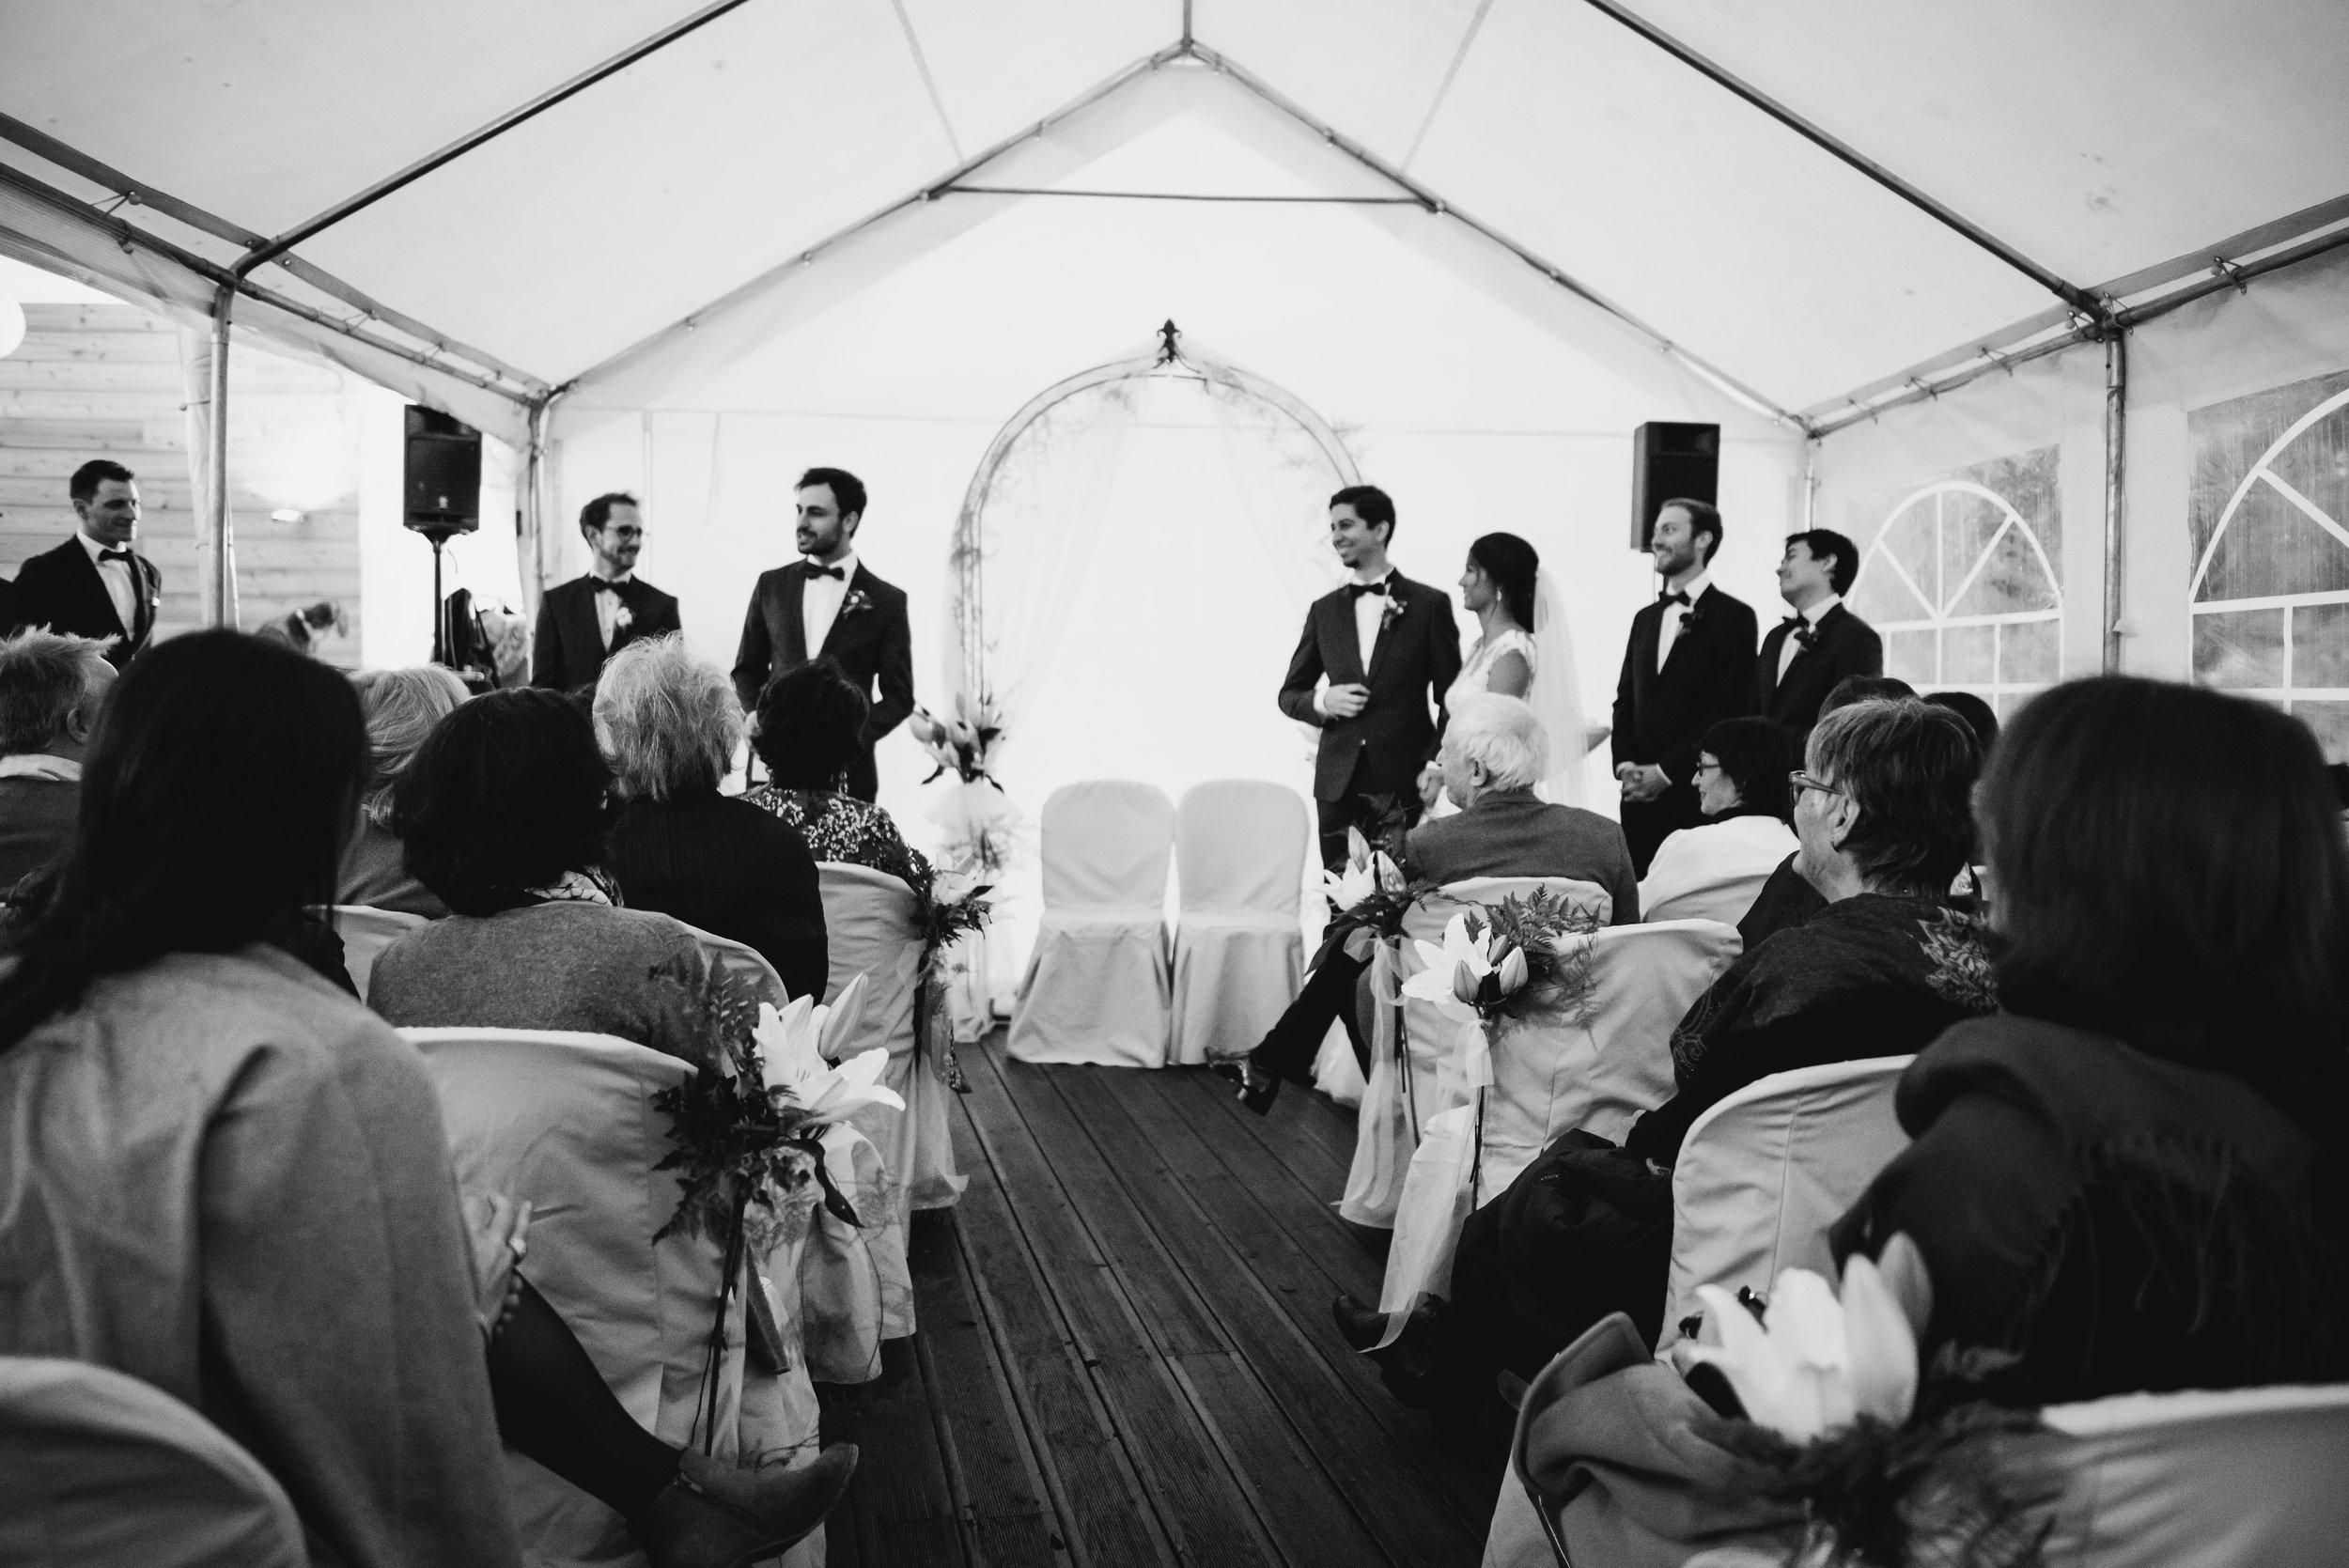 Léa-Fery-photographe-professionnel-lyon-rhone-alpes-portrait-creation-mariage-evenement-evenementiel-famille-2-51.jpg